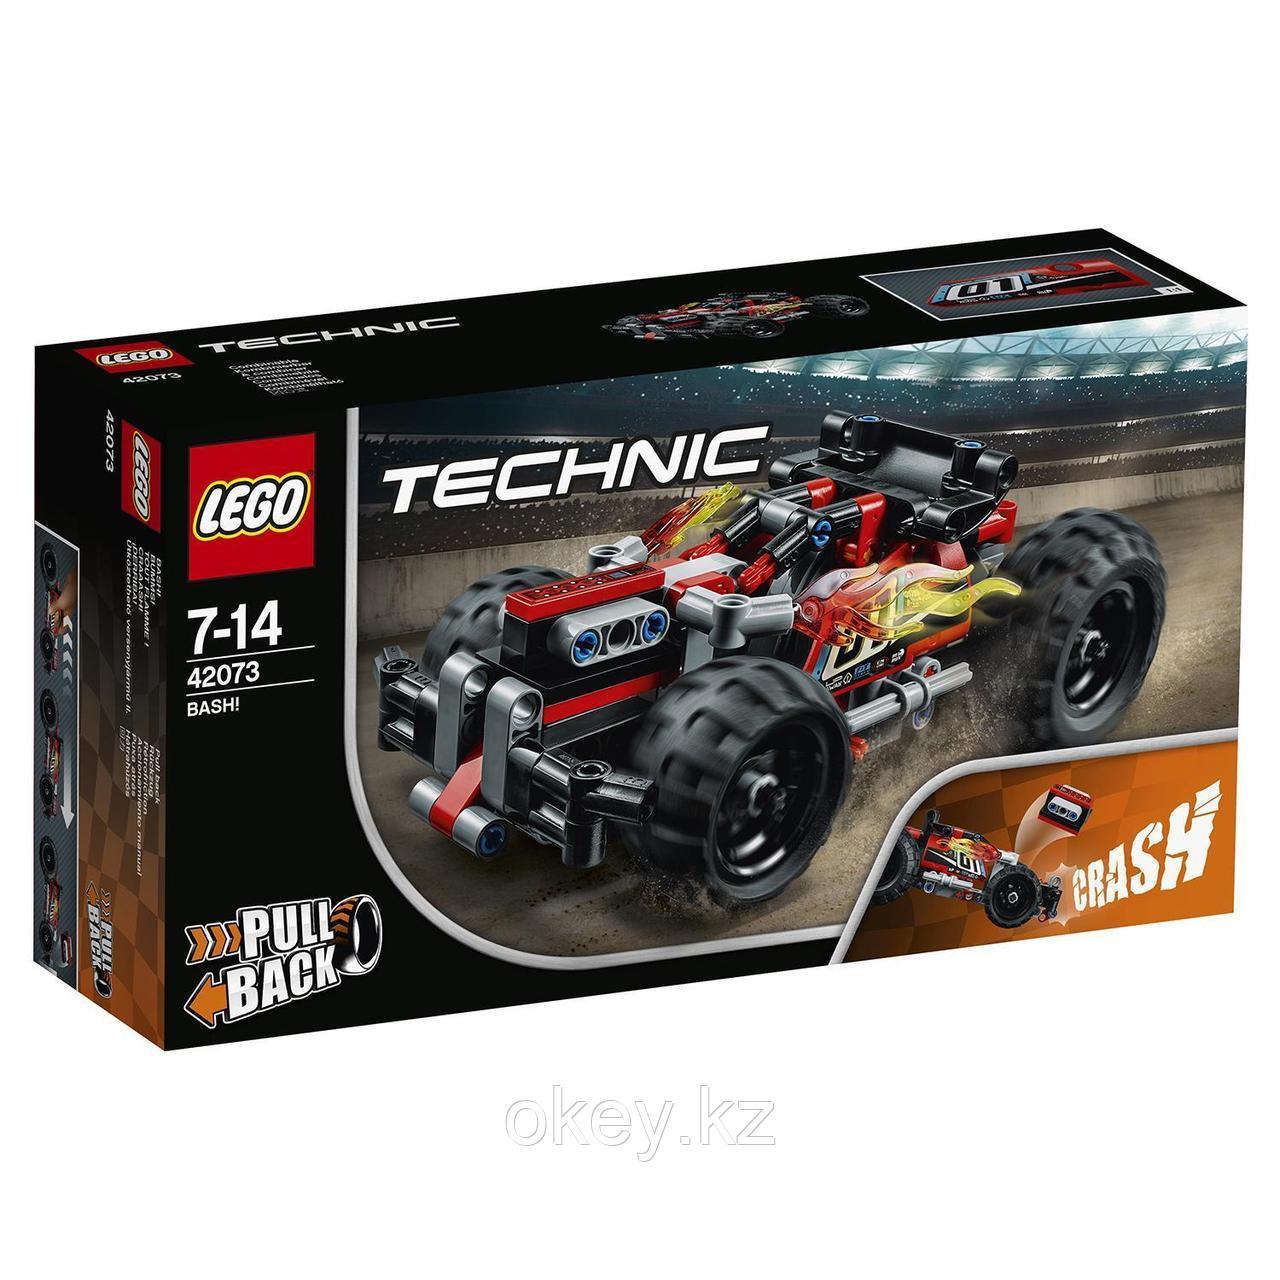 LEGO Technic: Красный гоночный автомобиль 42073